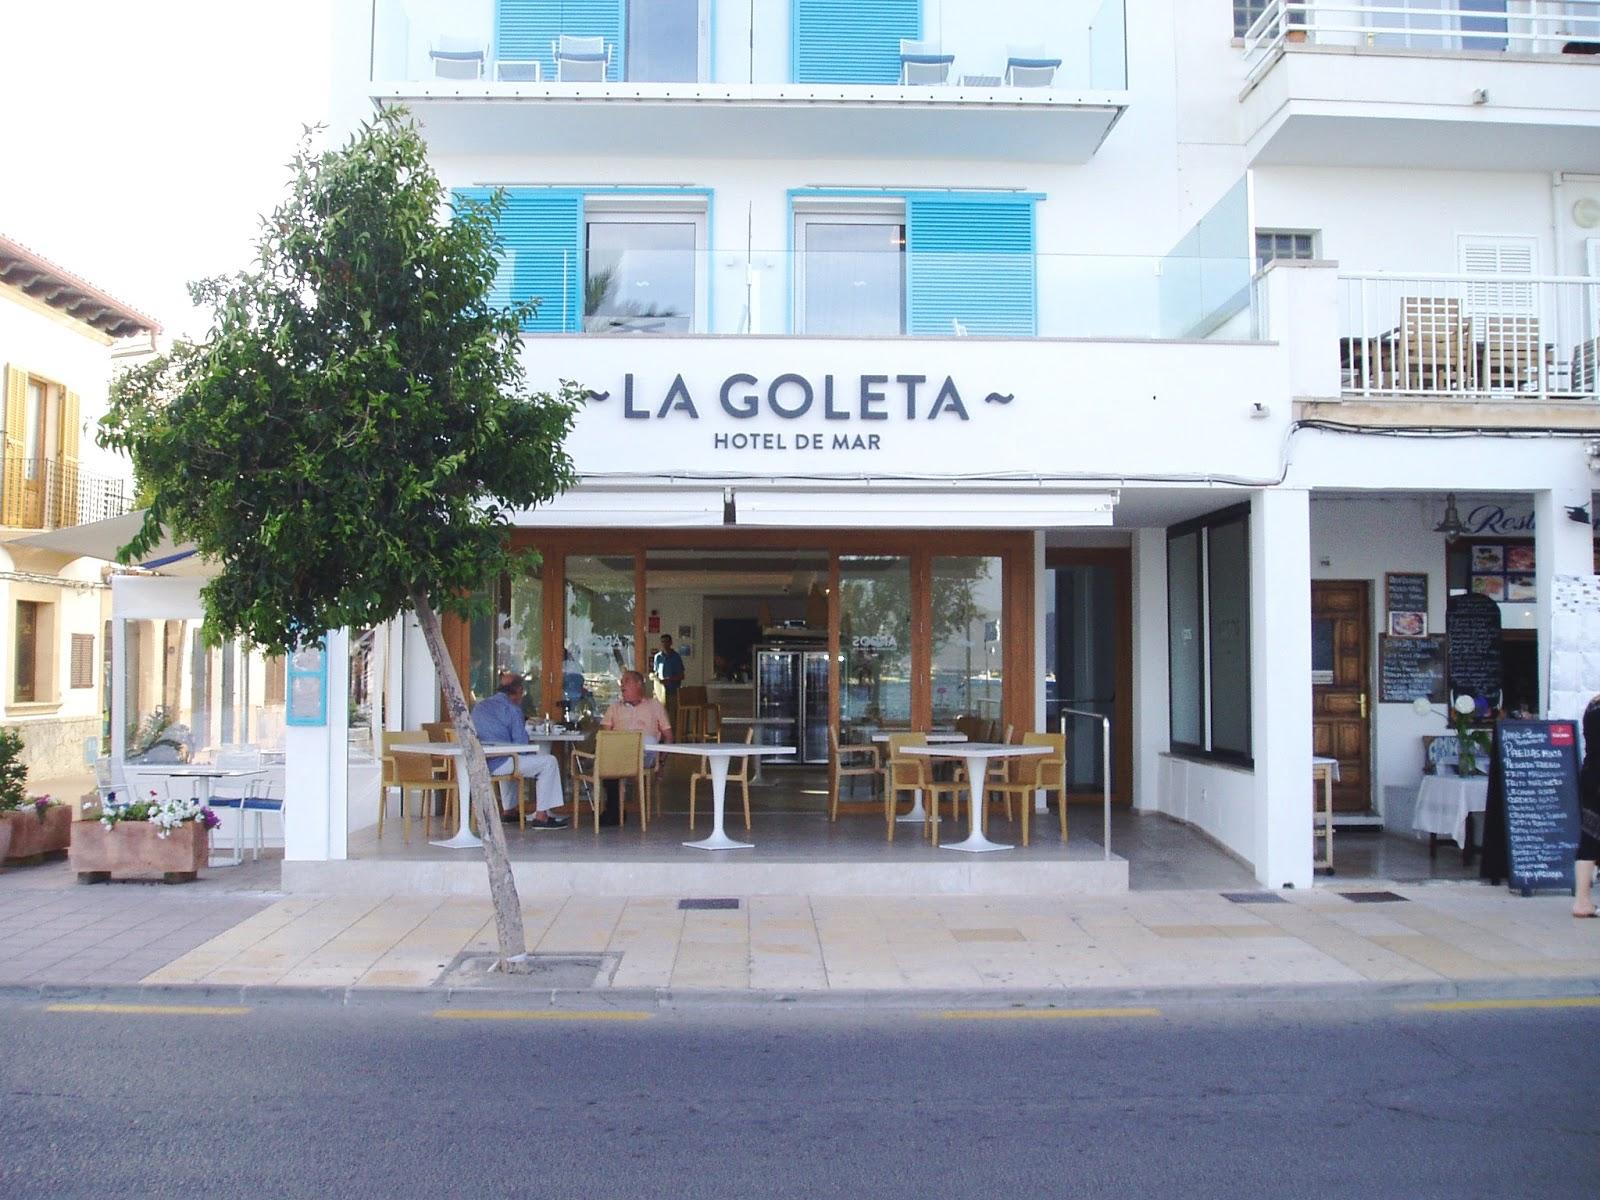 El m n del vi restaurante argos del hotel la goleta ubicado en el puerto de pollen a presenta - Restaurante argos ...